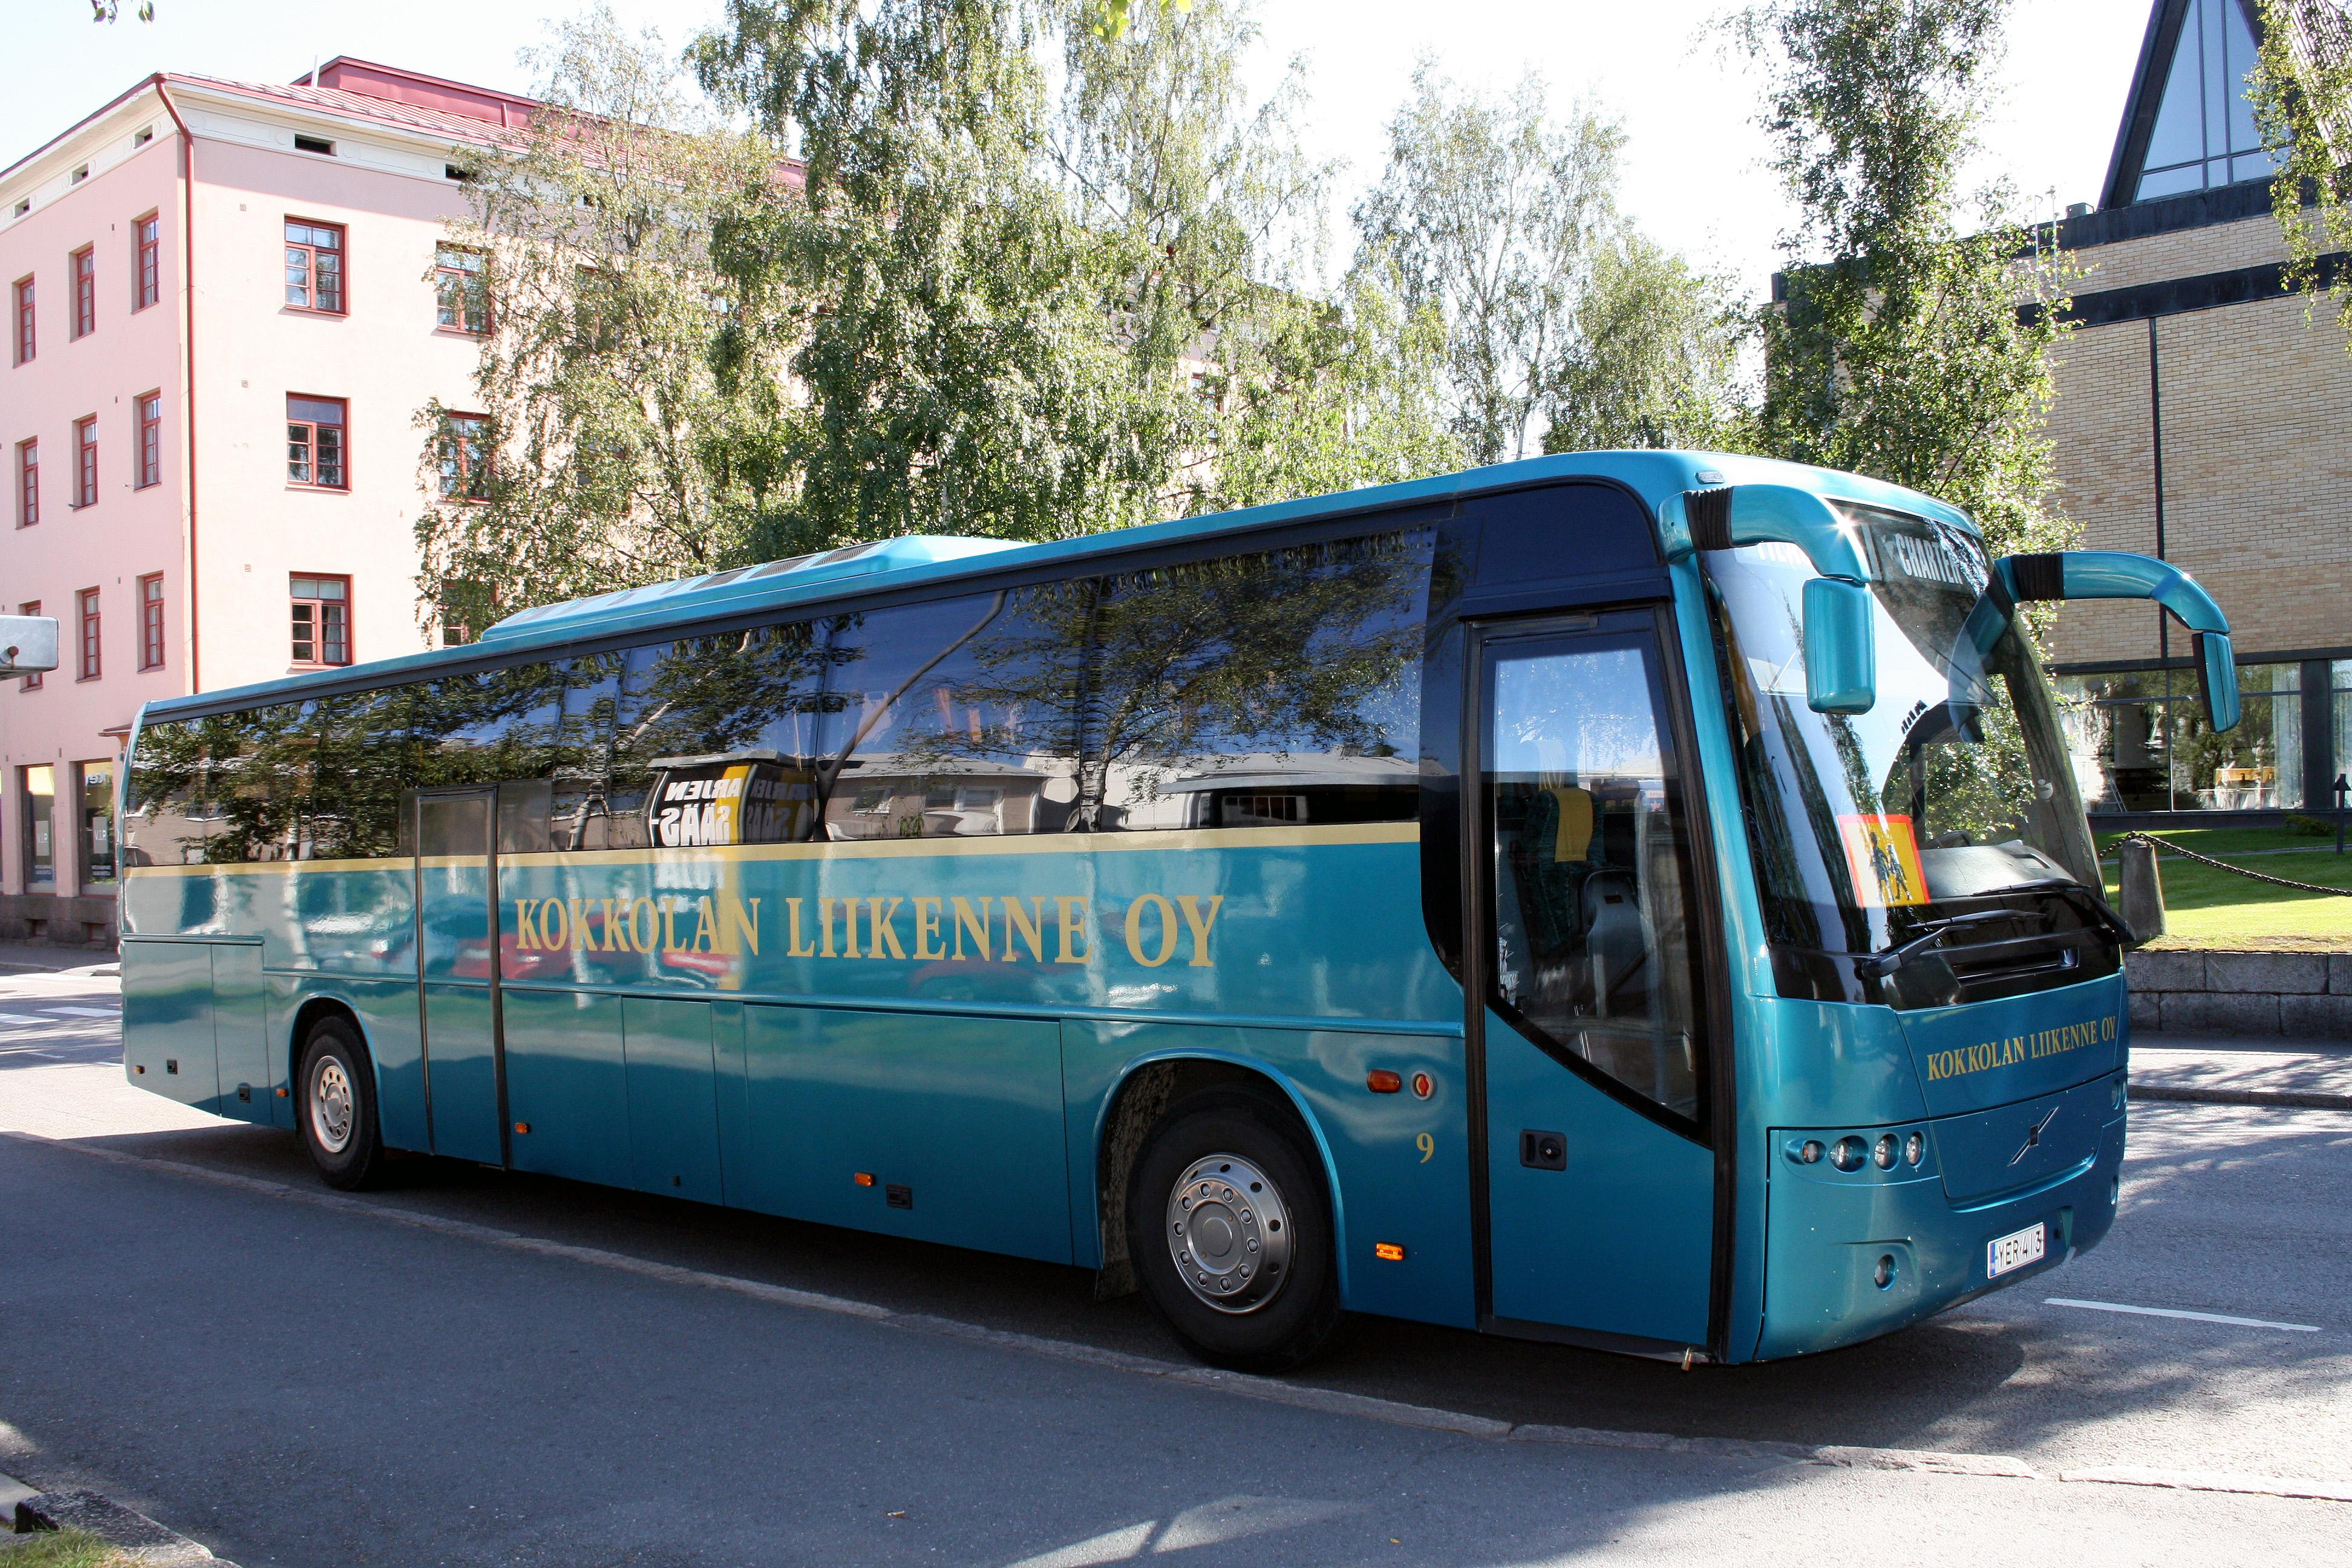 Tiedosto:Kokkolan liikenteen linja-auto.jpg – Wikipedia